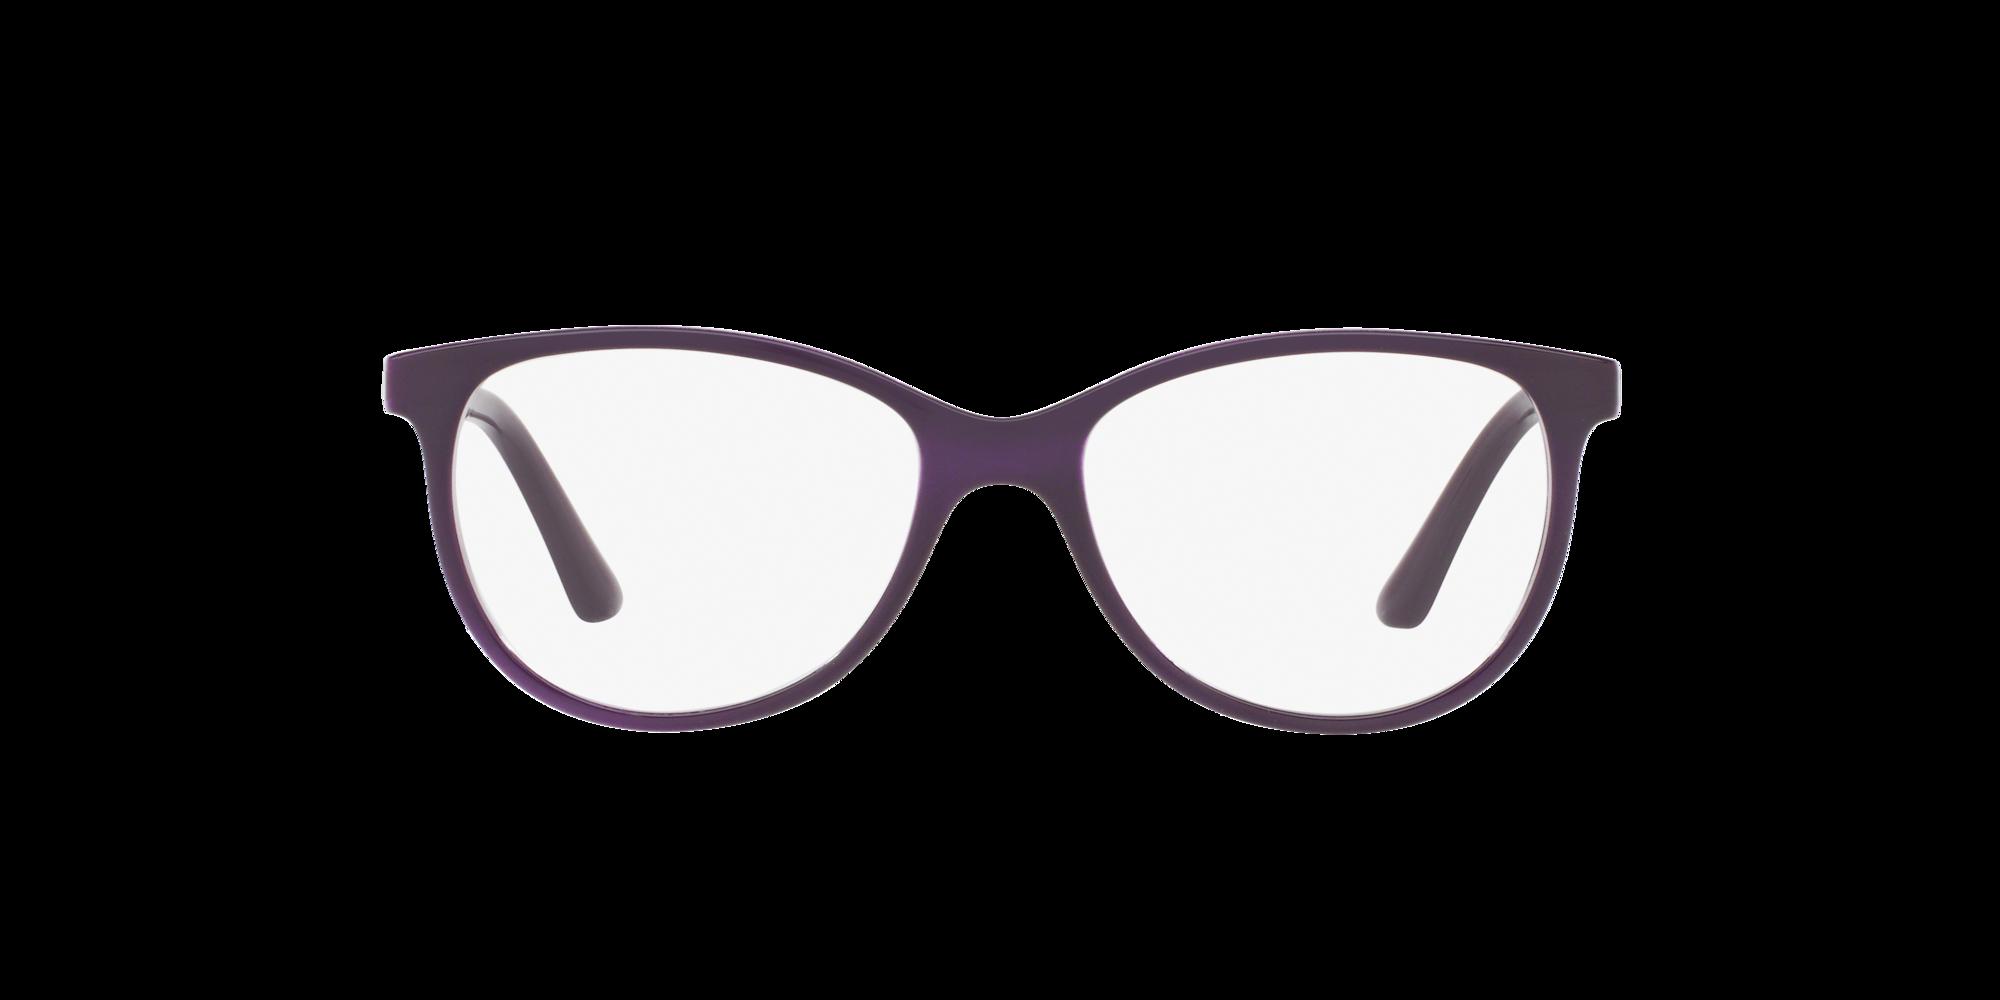 Imagen para VO5030 de LensCrafters |  Espejuelos, espejuelos graduados en línea, gafas